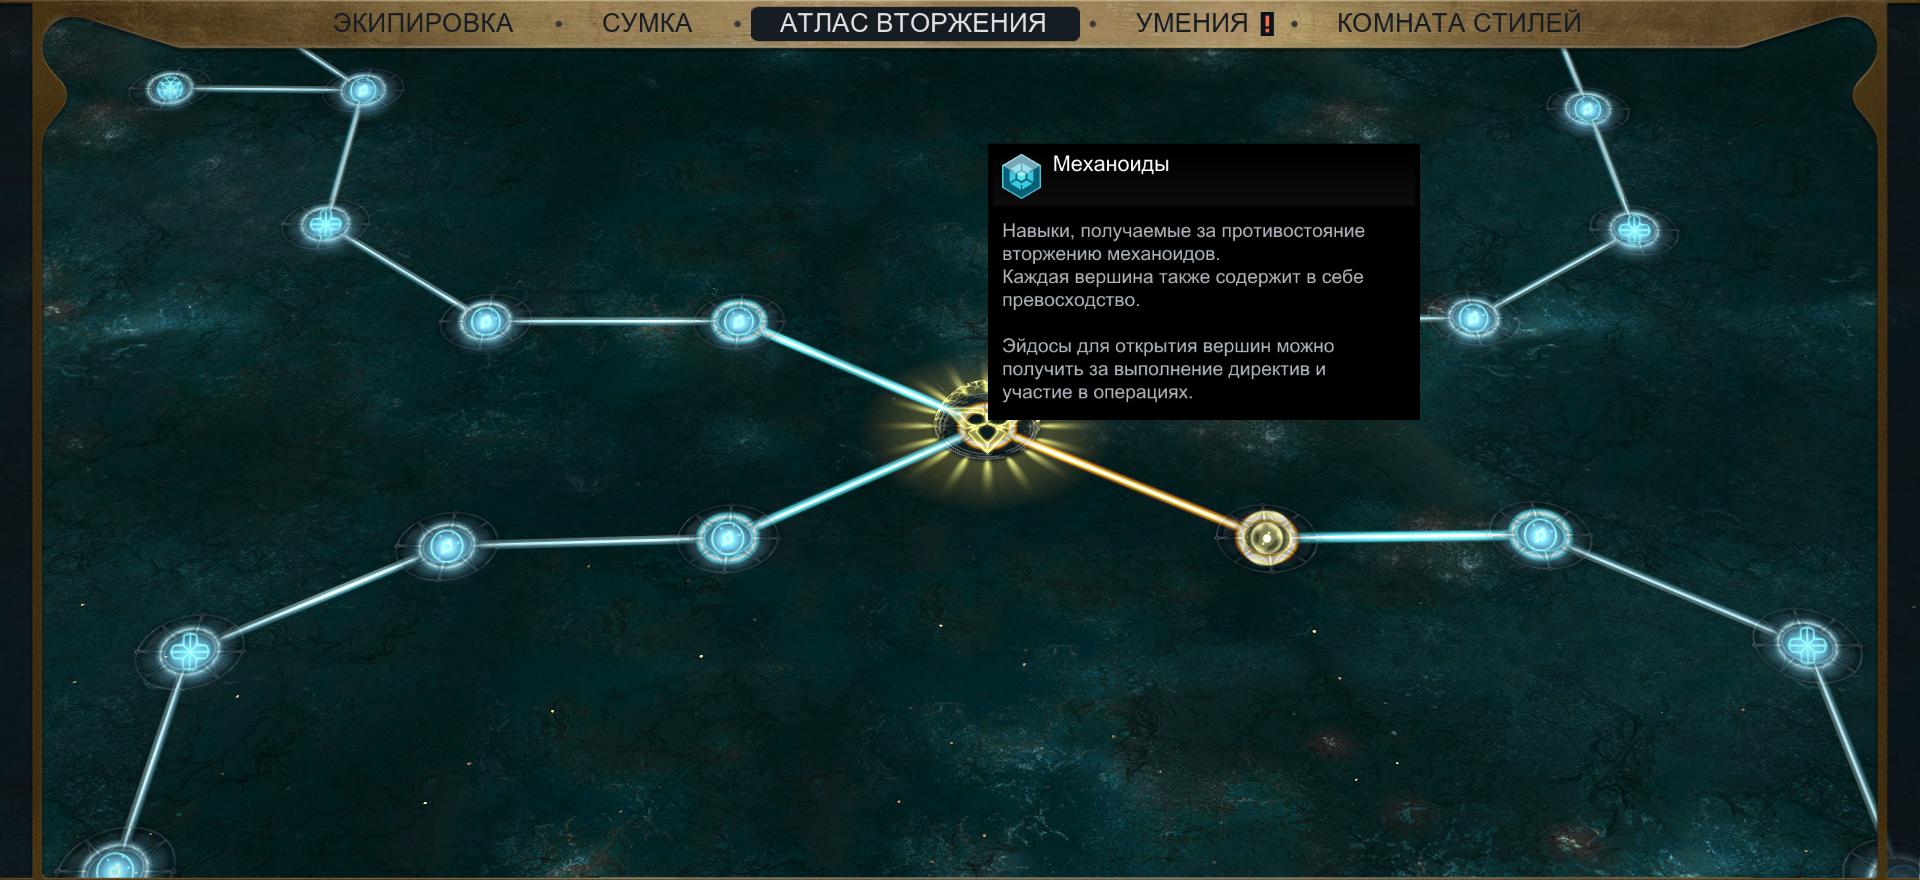 Скриншот атласа вторжения1.png